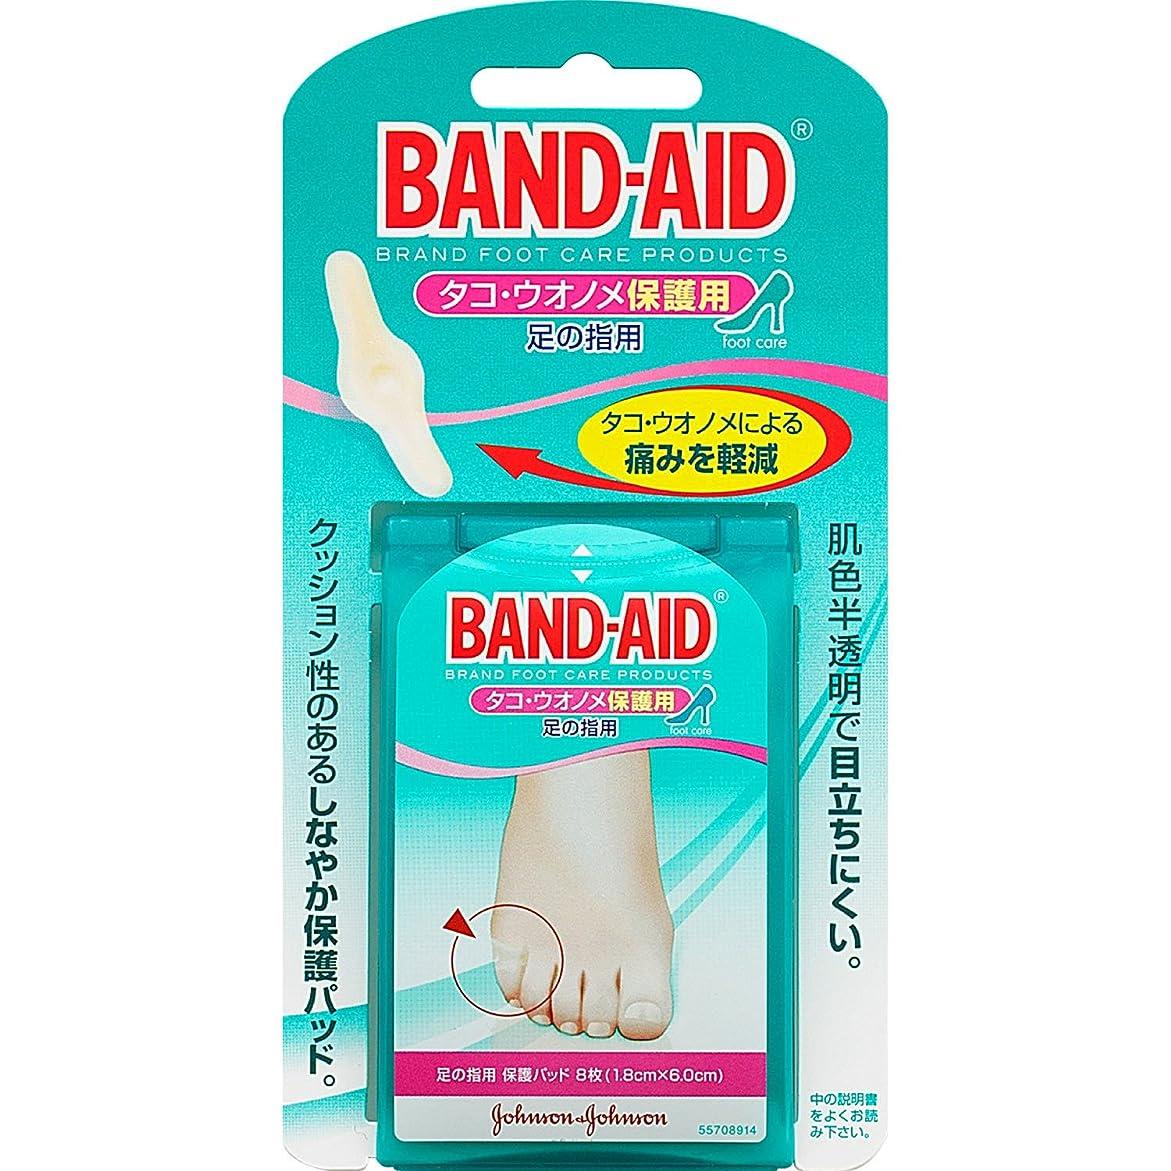 有利できない抵抗するBAND-AID(バンドエイド) タコ?ウオノメ保護用 足の指用 8枚